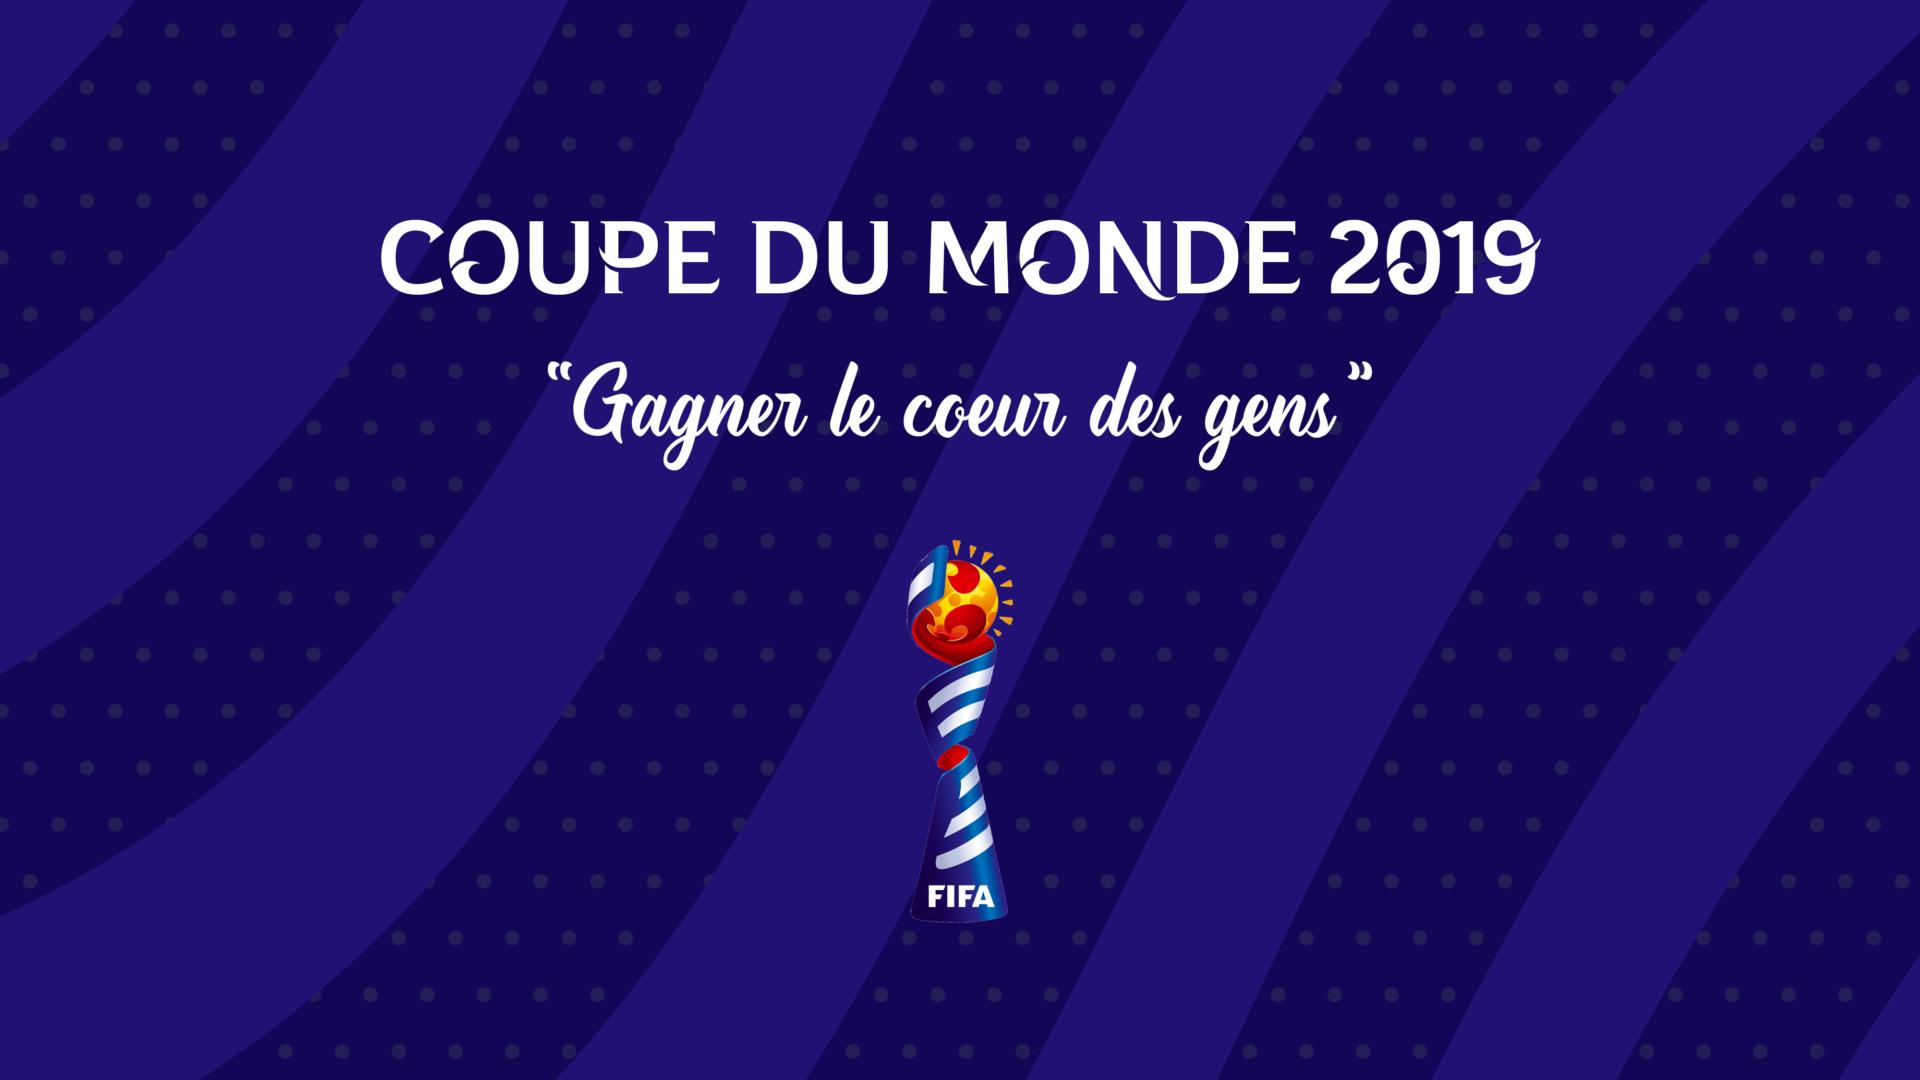 Coupe du monde 2019 - Gagner le coeur des gens